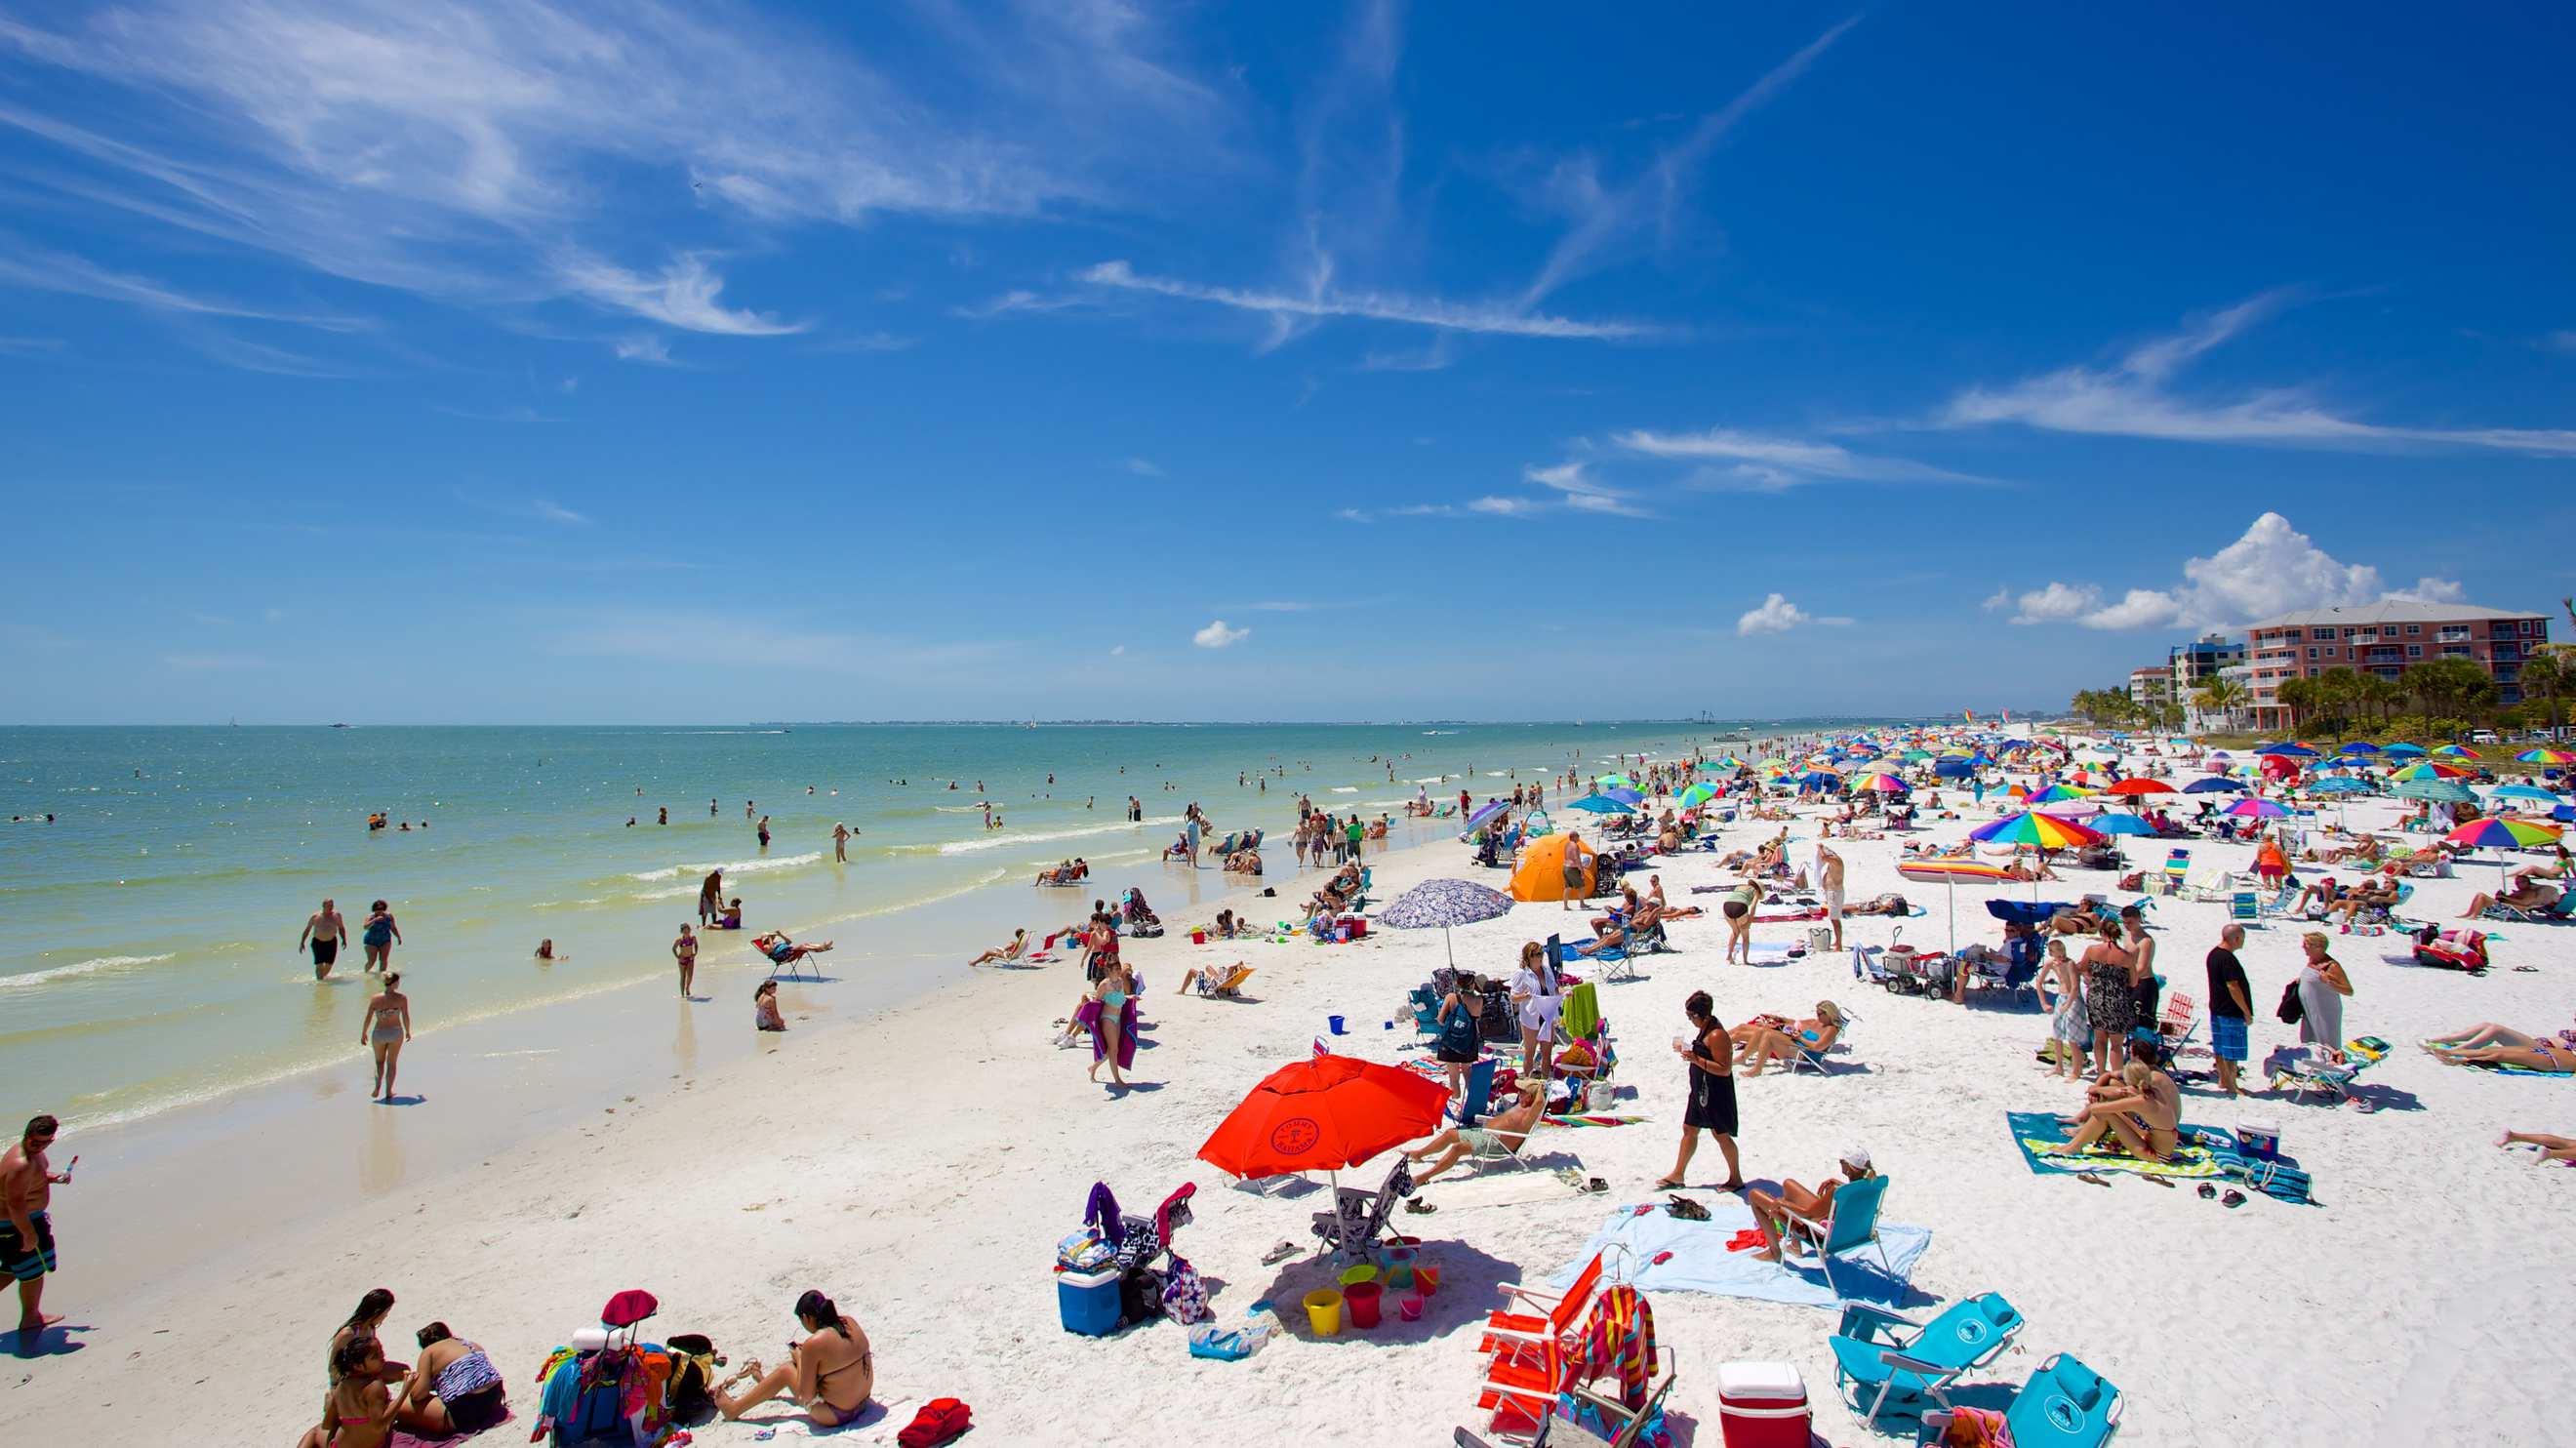 Ft myers nude beach